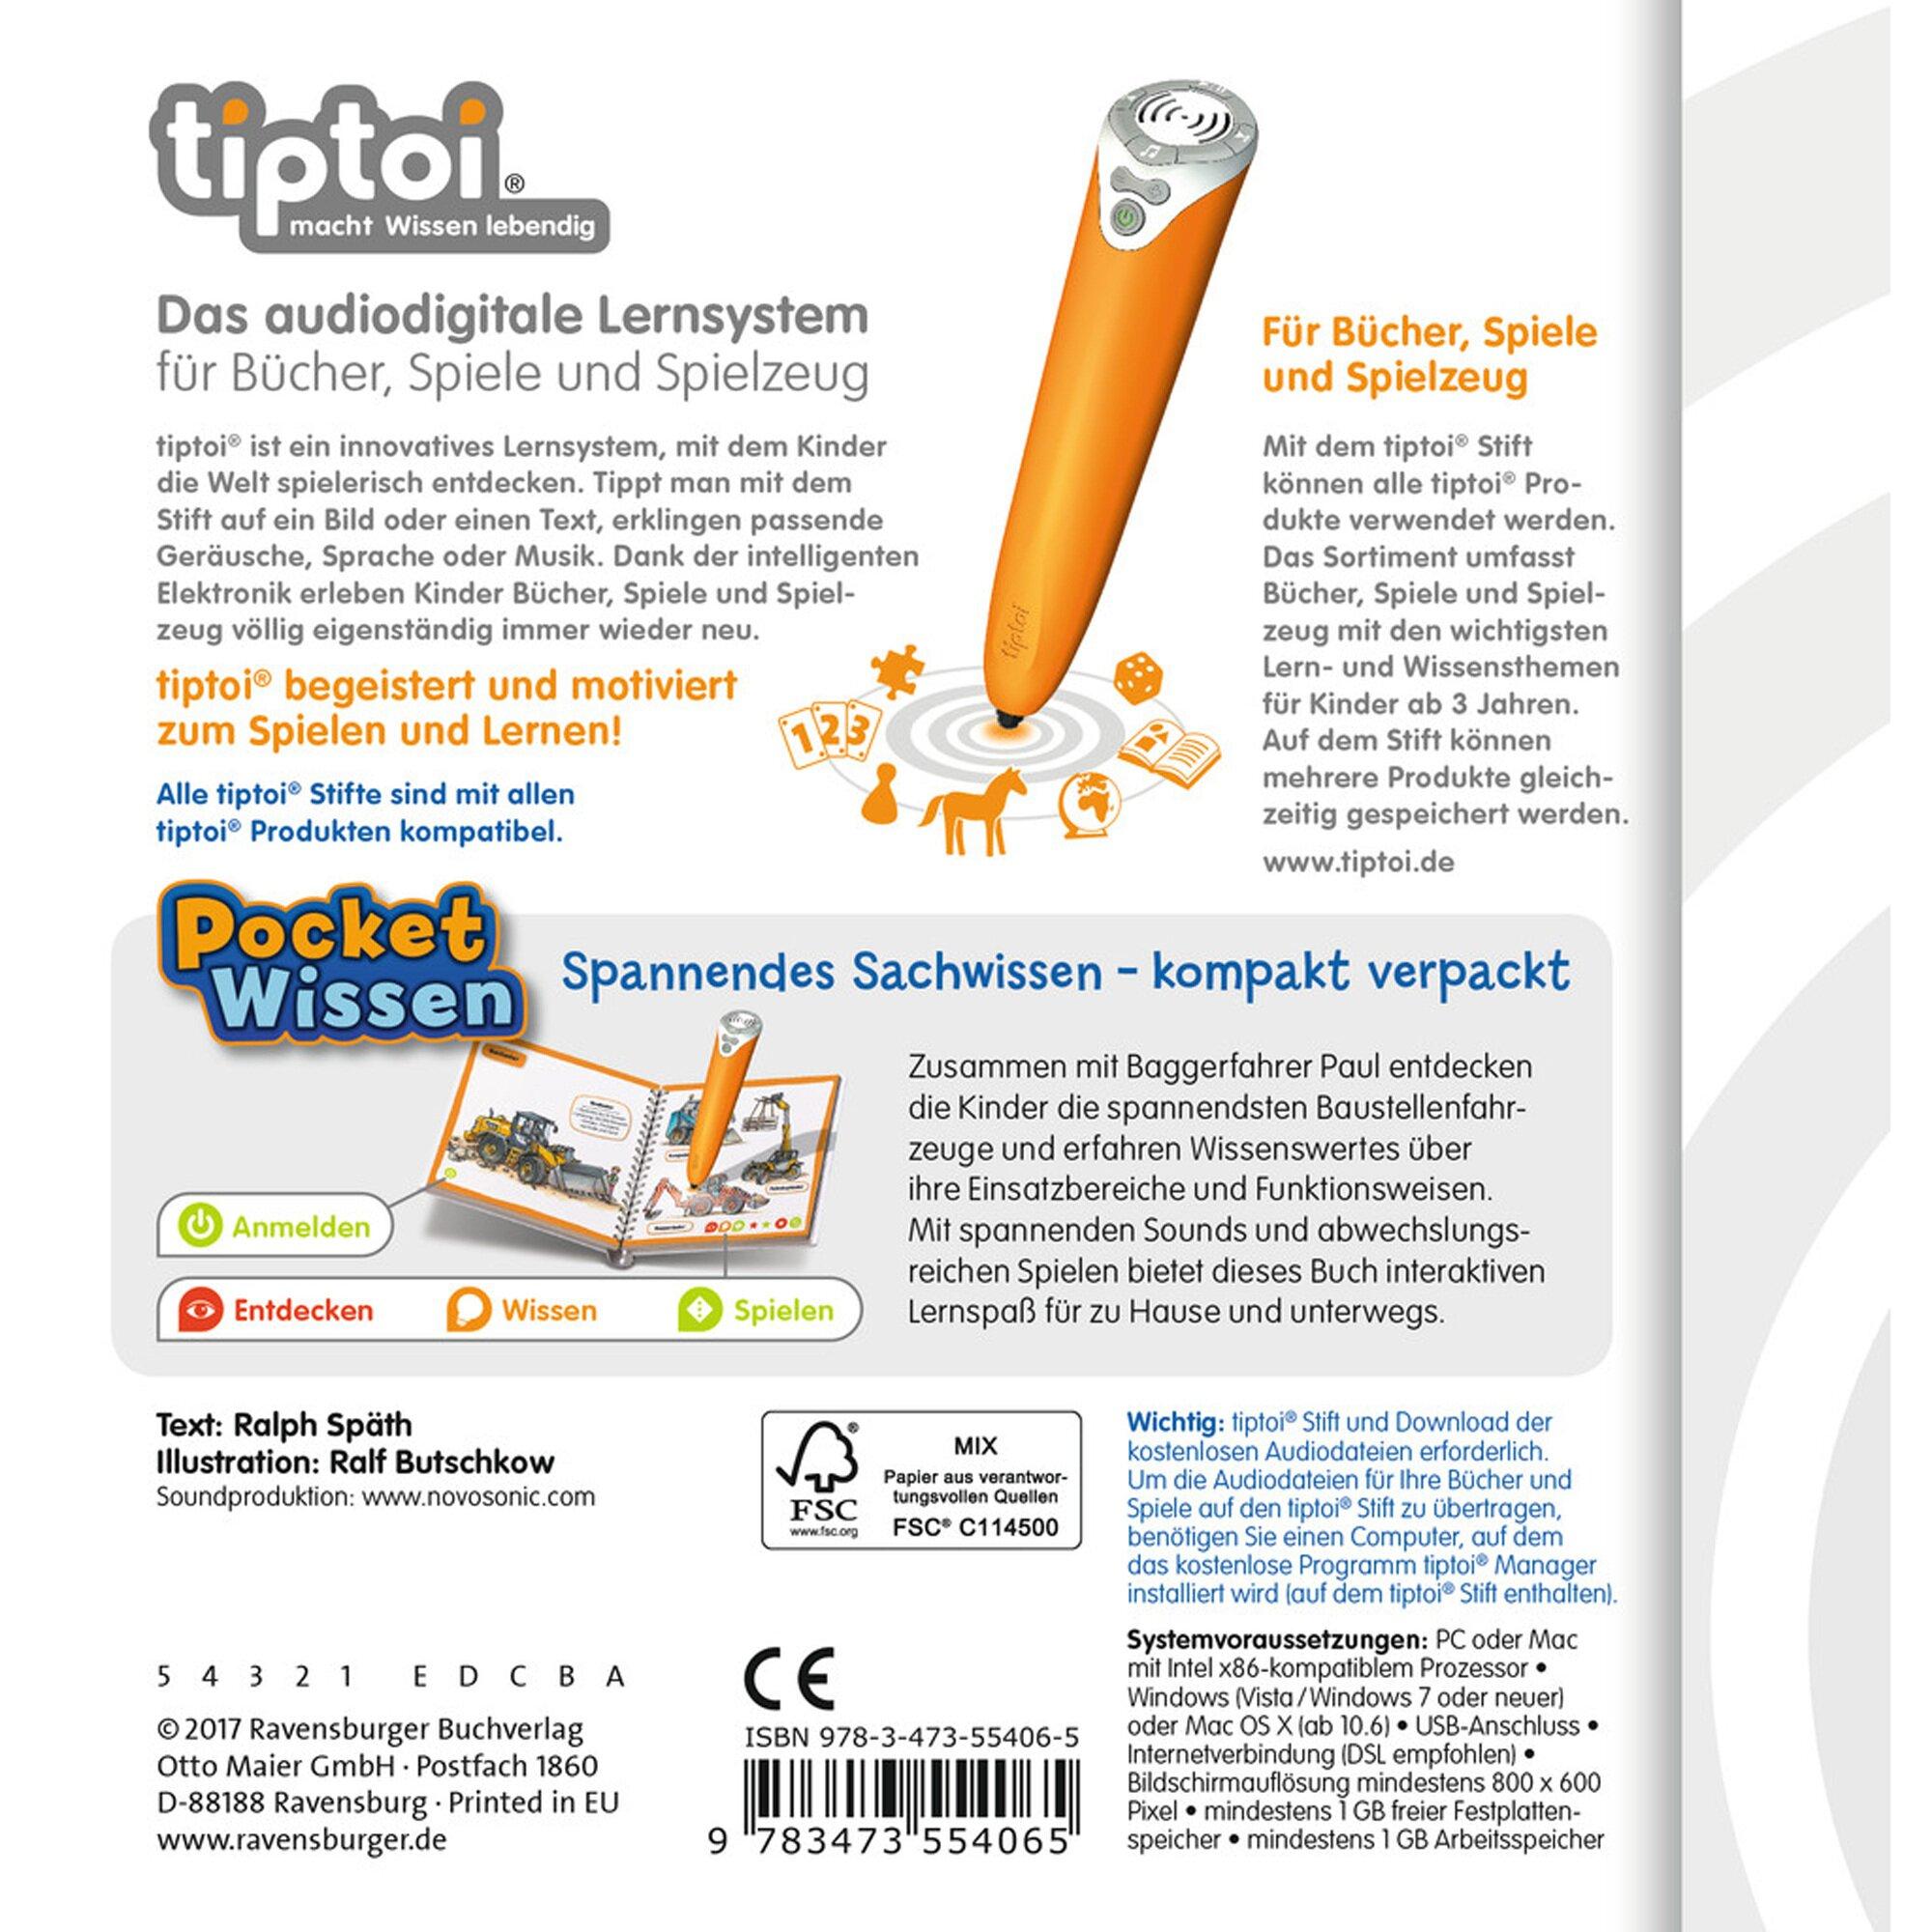 tiptoi-pocket-wissen-baustellen-fahrzeuge